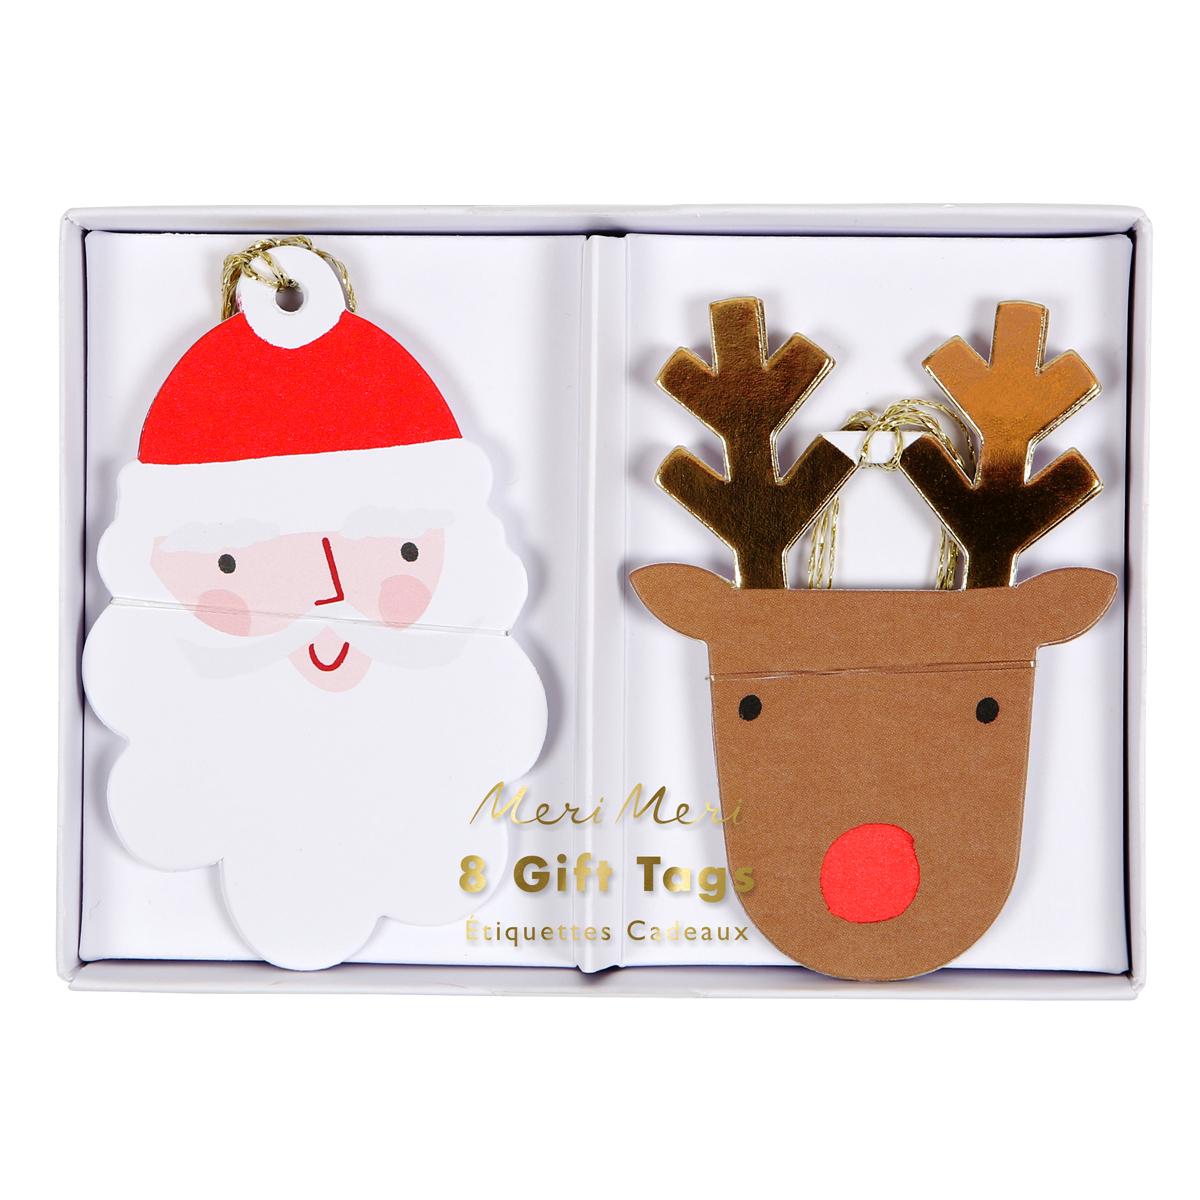 Anniversaire & Fête Lot de 8 Étiquettes Cadeaux Père-Noël et Rennes Lot de 8 Étiquettes Cadeaux Père-Noël et Rennes